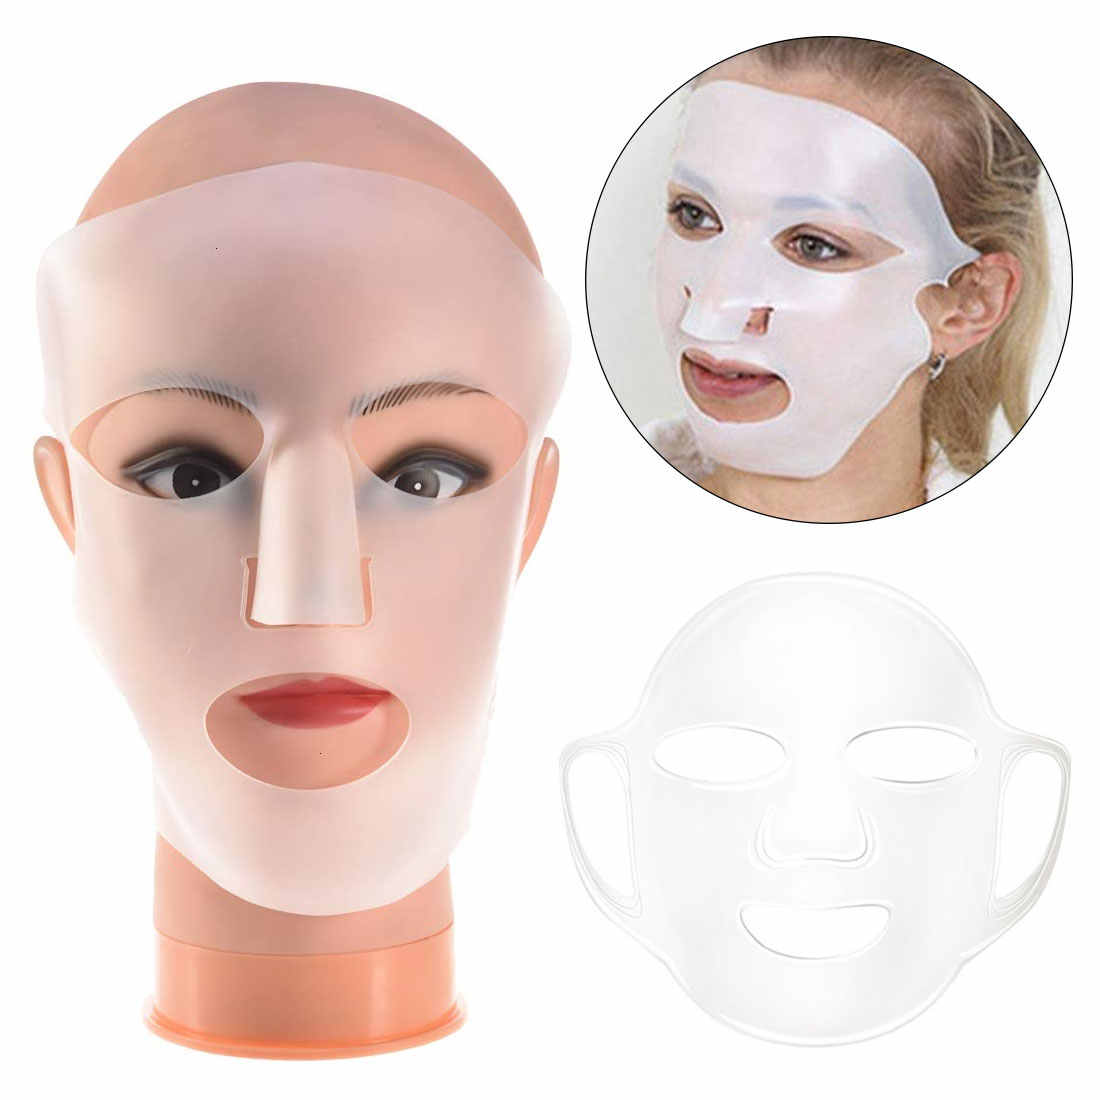 Уход за лицом многоразовый ушной крючок силиконовая маска для лица Блокировка увлажняющий, красота силиконовая маска прибор для ухода за лицом